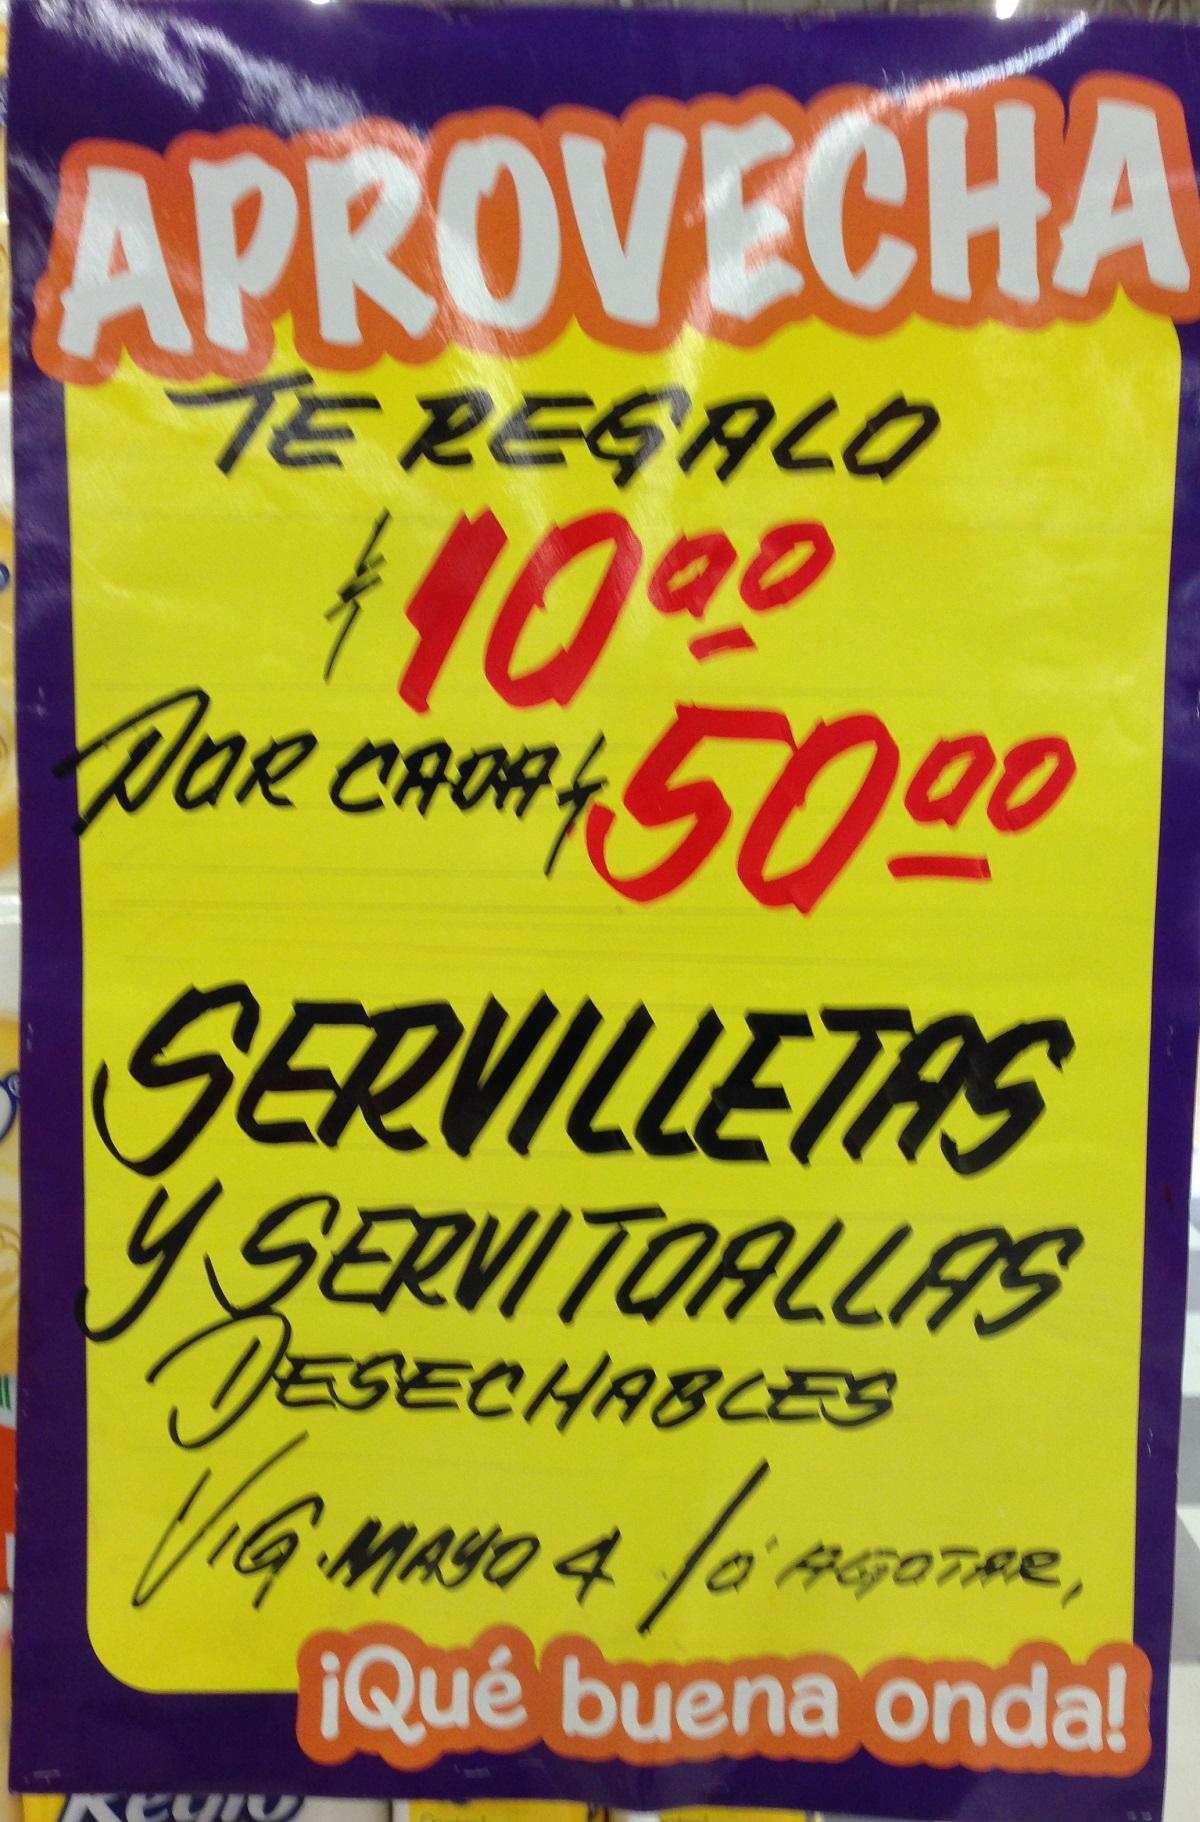 La Comer: Ofertas en servilletas, servitoallas, botanas, galletas Gamesa y Marinela y frijoles enlatados.